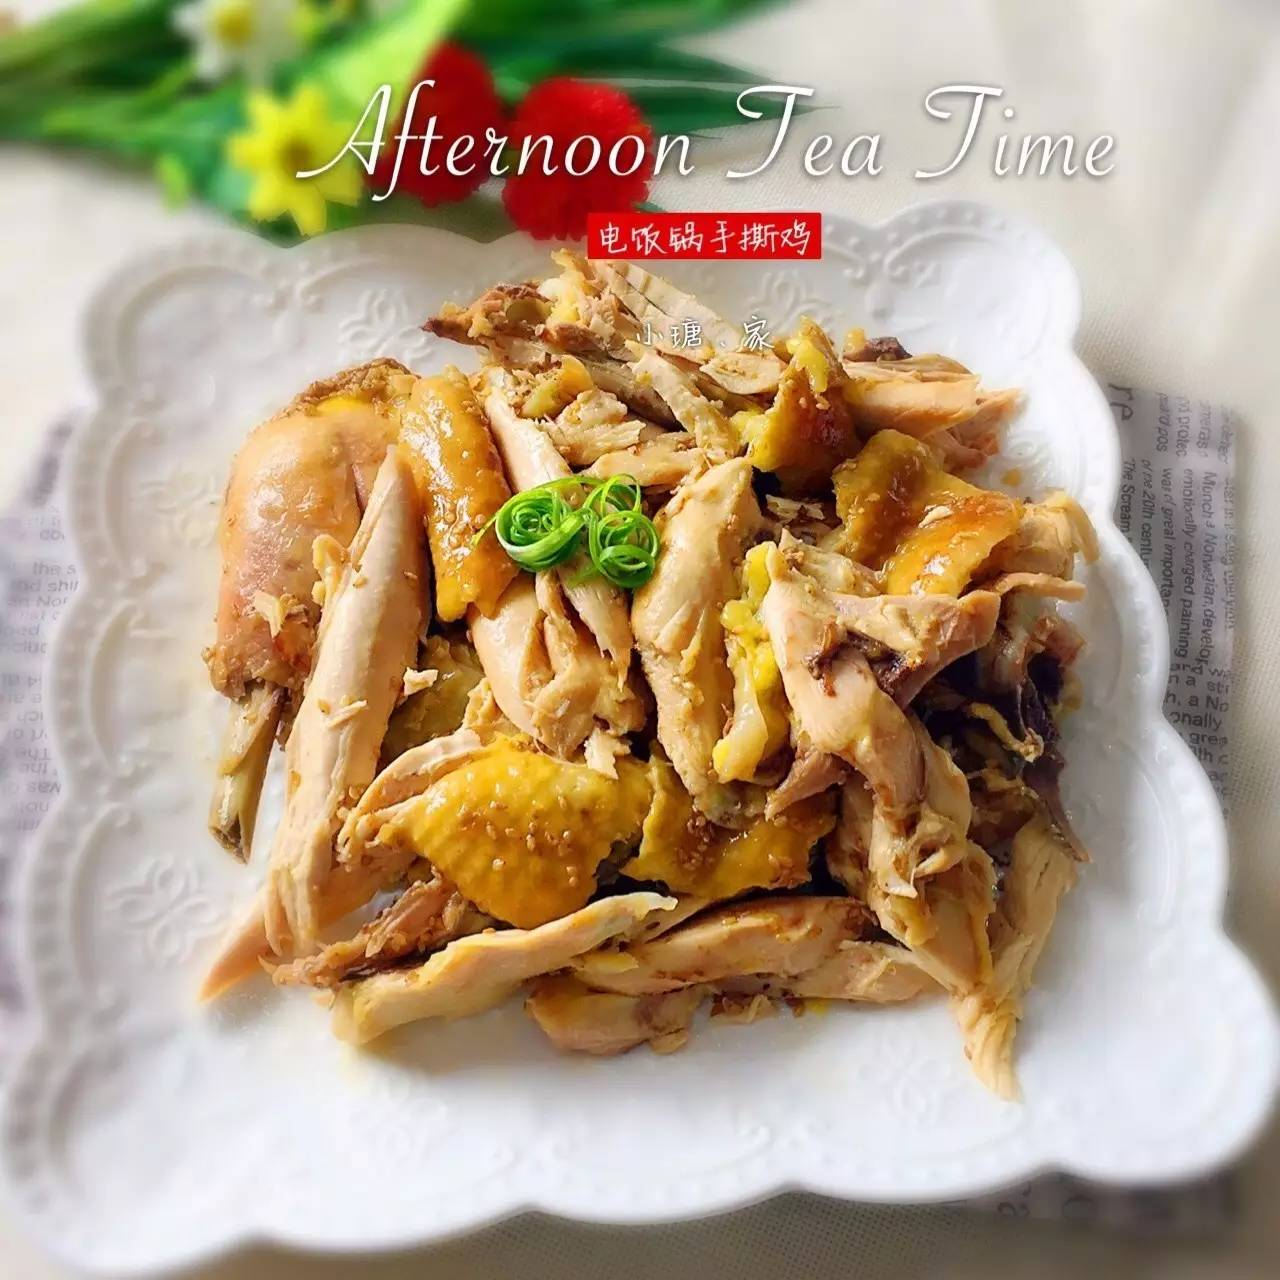 盐焗手撕鸡:零厨艺大牌菜,只要电饭锅就能做!